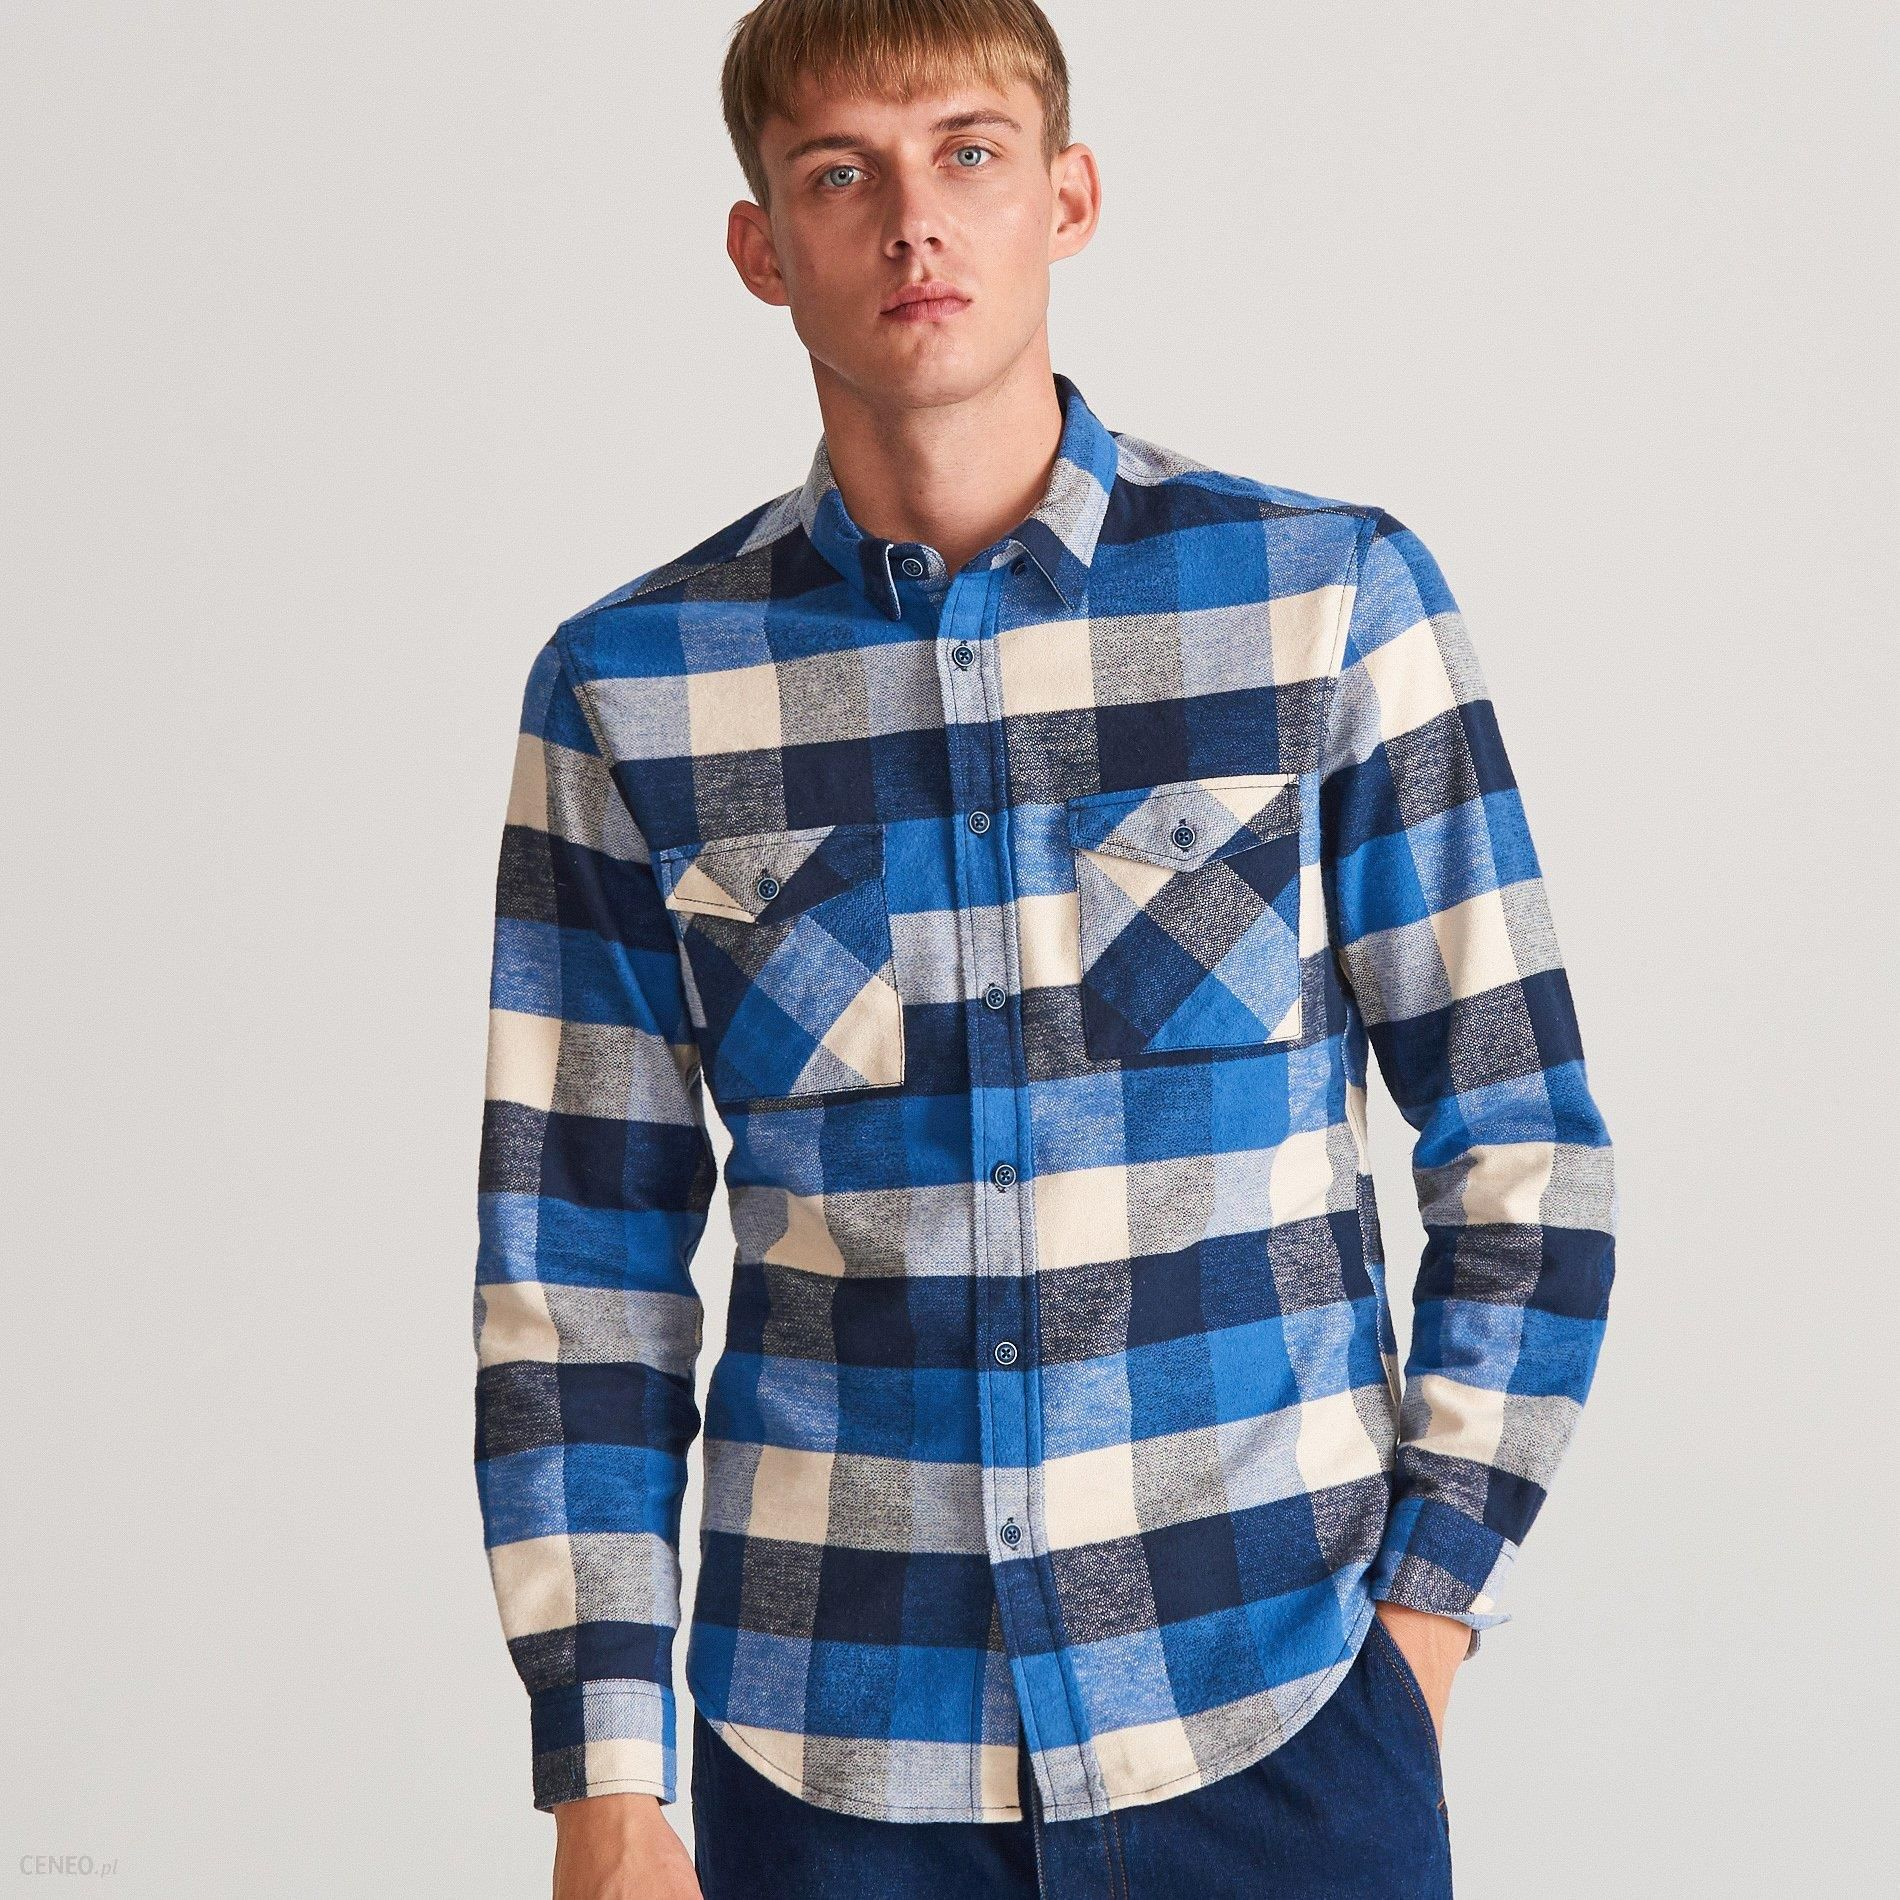 Reserved Koszula w kratę Niebieski Ceny i opinie  vZn7S